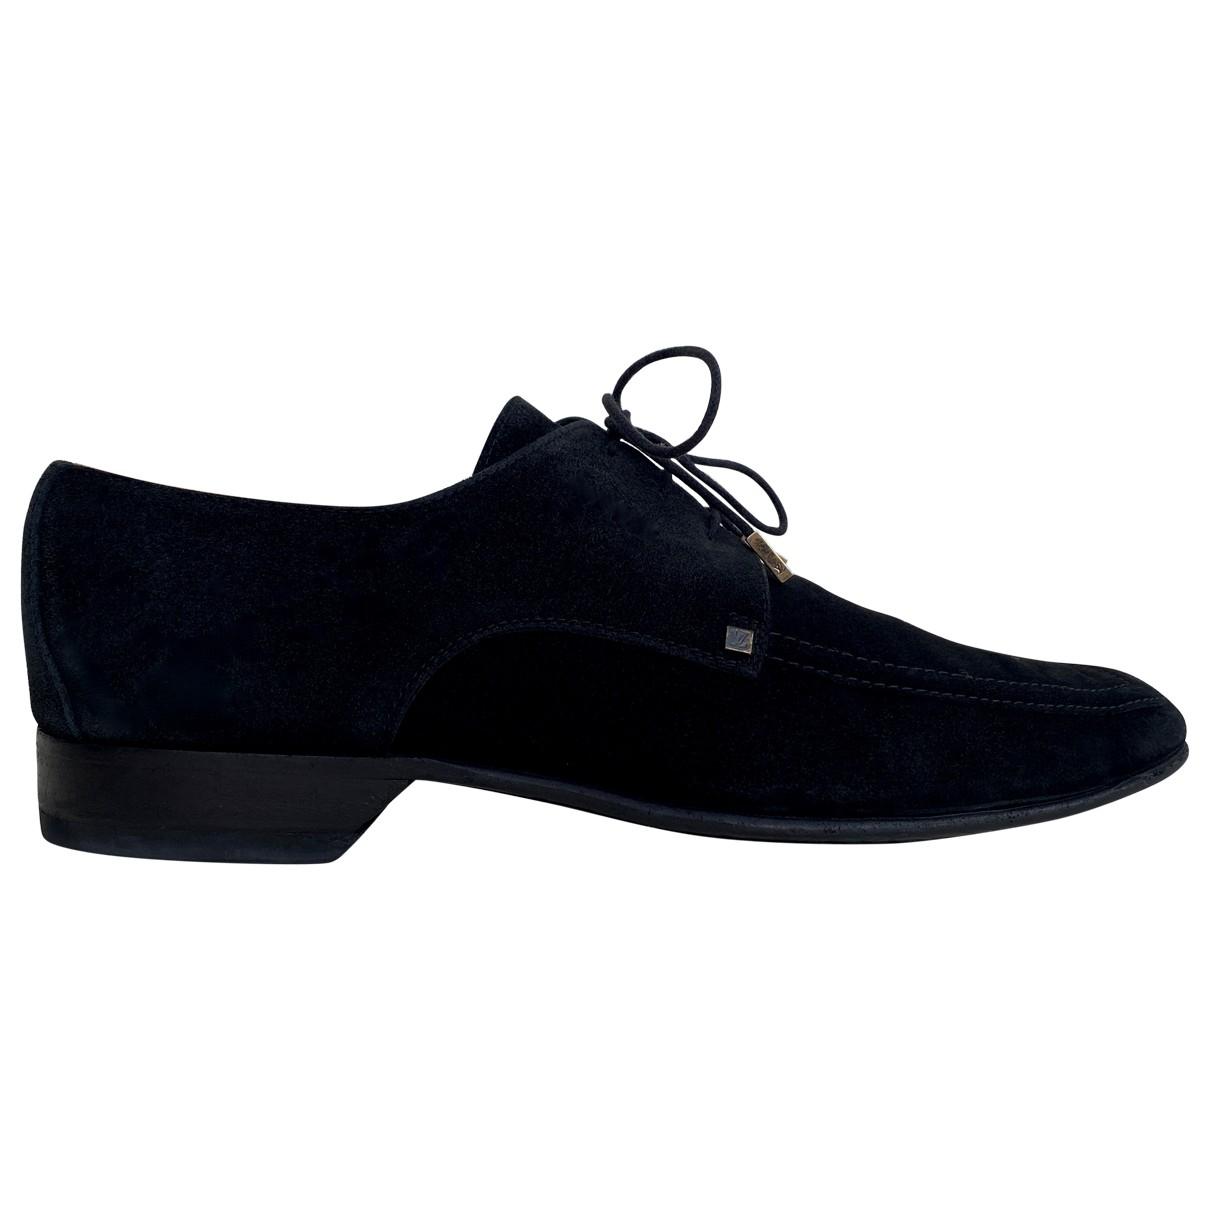 Louis Vuitton - Derbies   pour homme en suede - noir